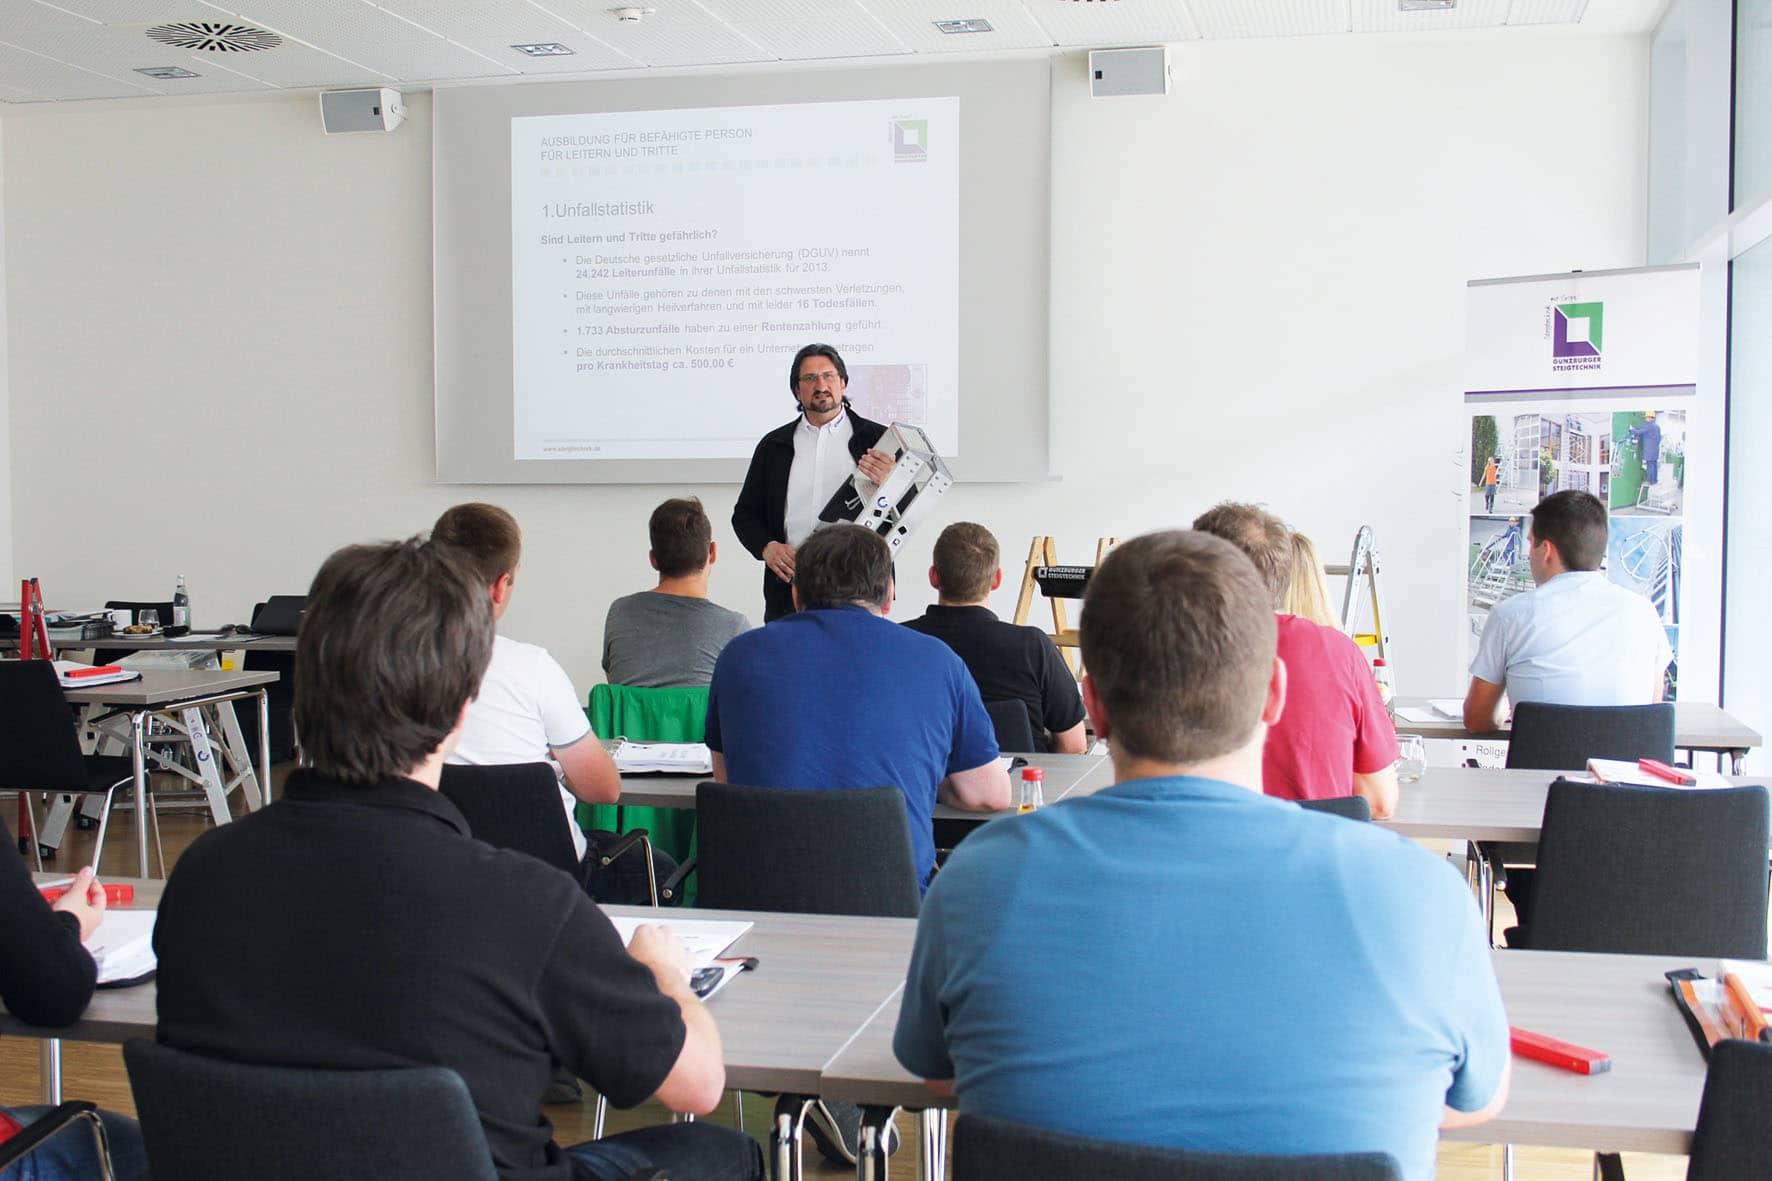 """Ab Herbst wieder """"Fit für Steigtechnik"""" – Günzburger Steigtechnik bildet """"zur Prüfung befähigte Personen"""" aus"""